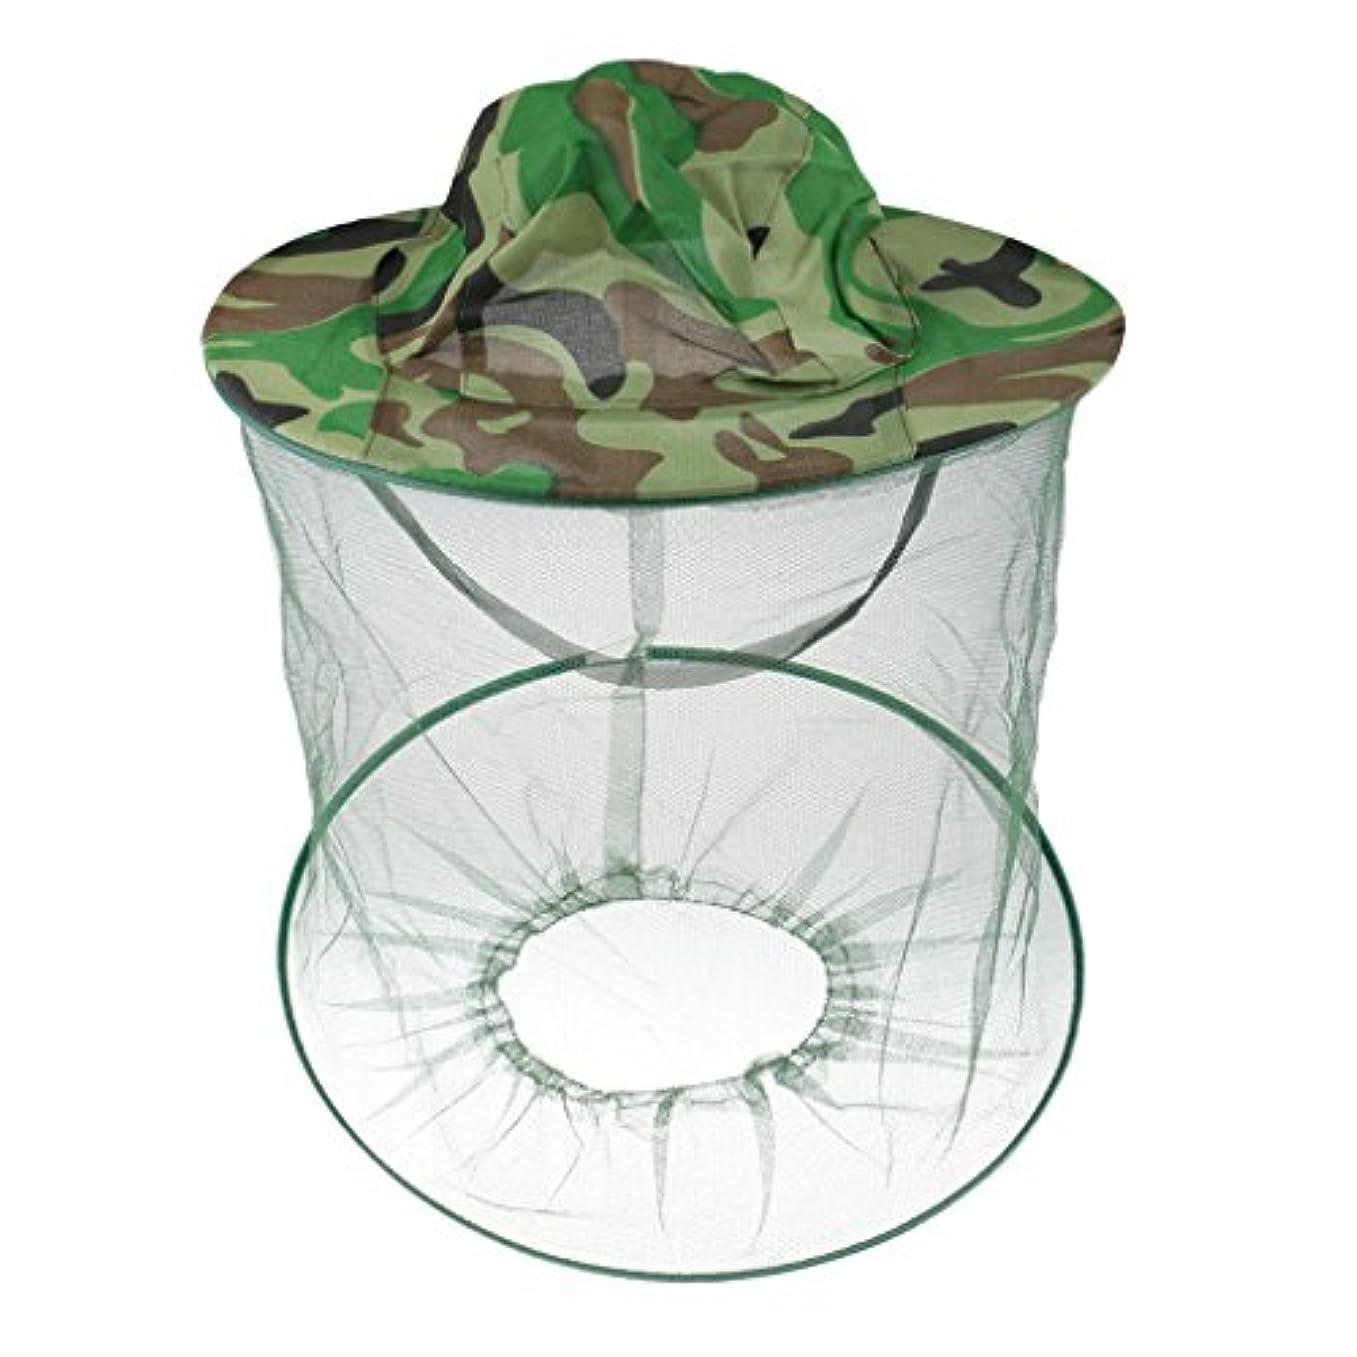 家庭ではごきげんよう強度Baosity 2タイプ ネットハット 蚊避け 虫除け マスク カバー メッシュ 男女用 日焼け止め 頭顔保護 農作業 園芸 屋外 釣り